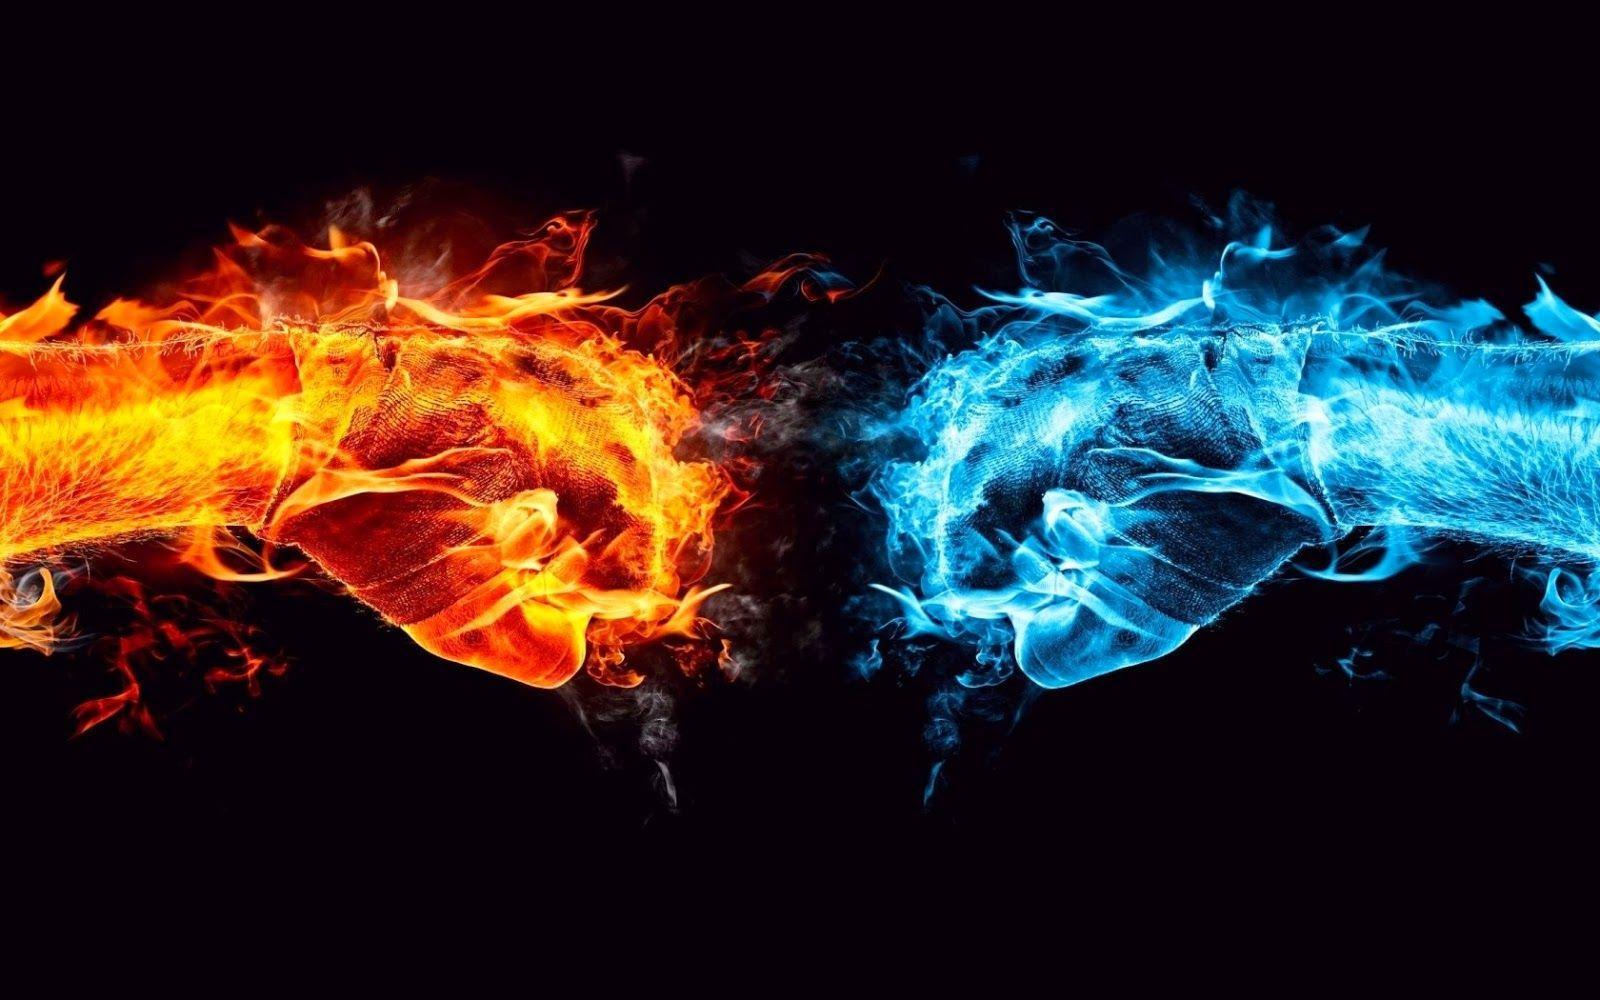 Fire Wallpaper Fire Vs Water Twin Flame Art